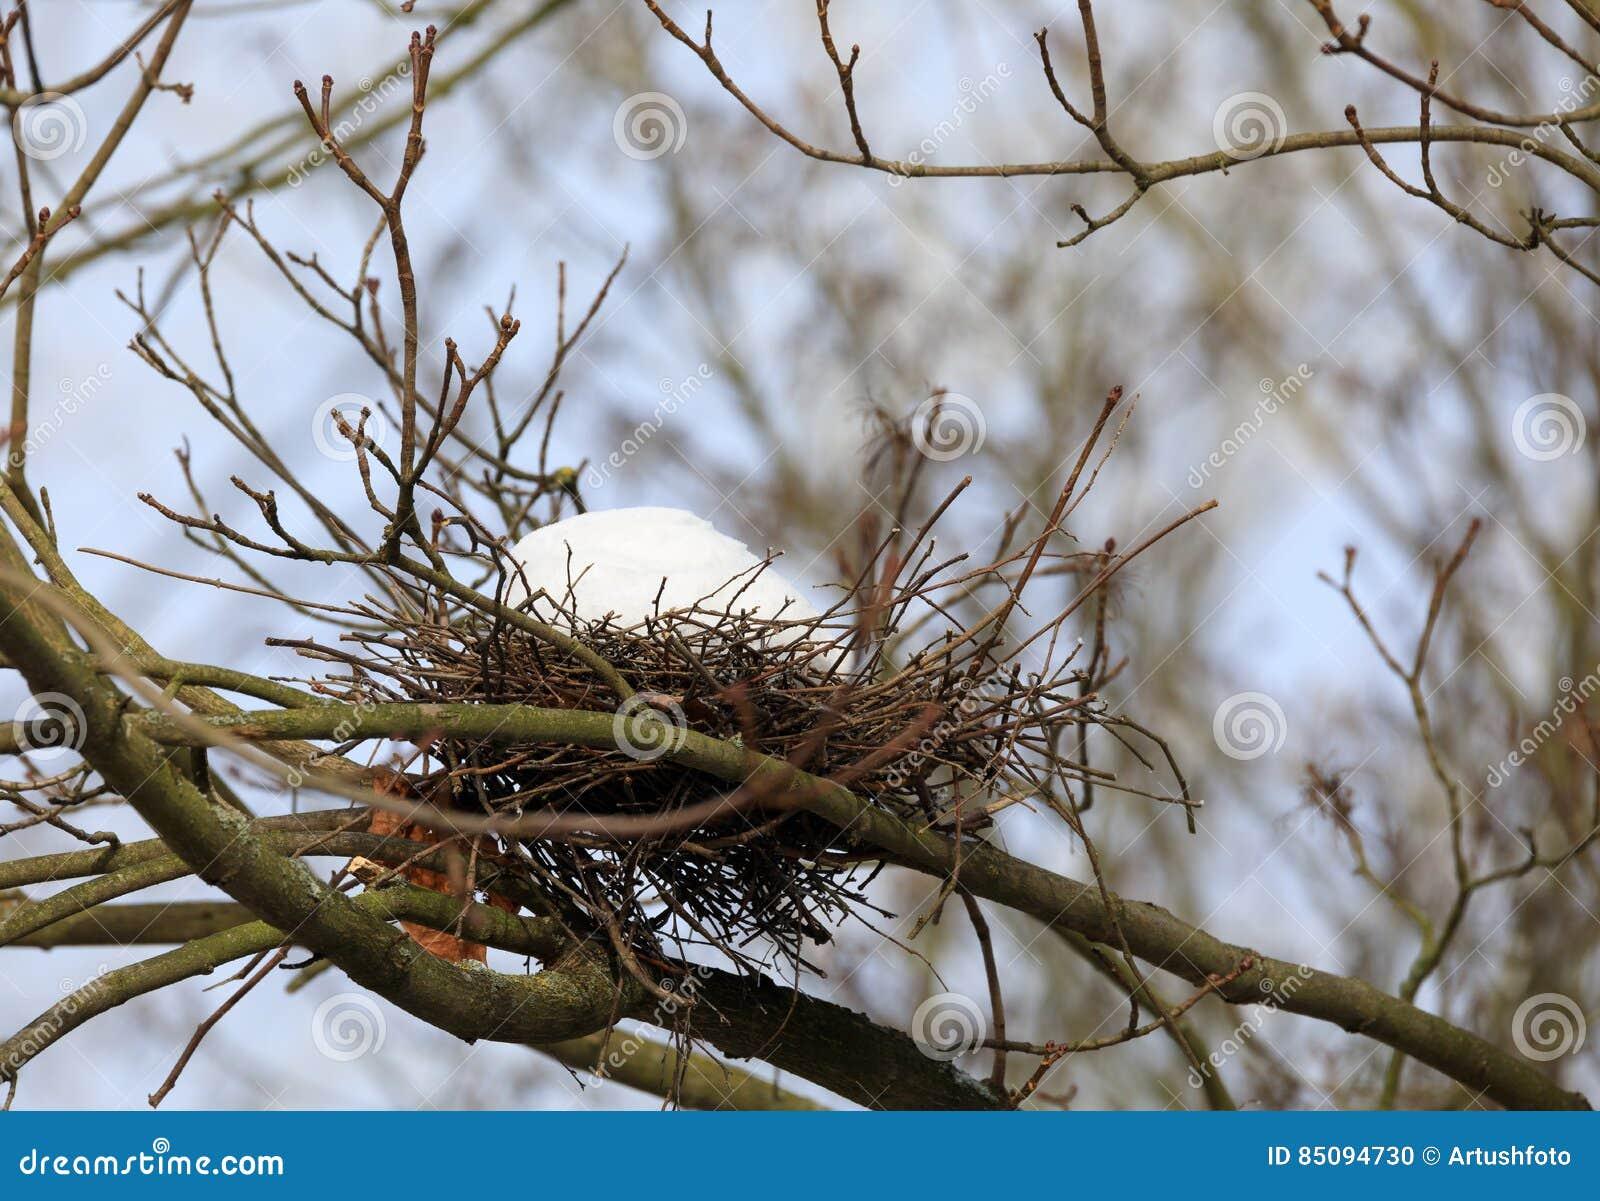 Vogelnest op tak in de winter met sneeuw